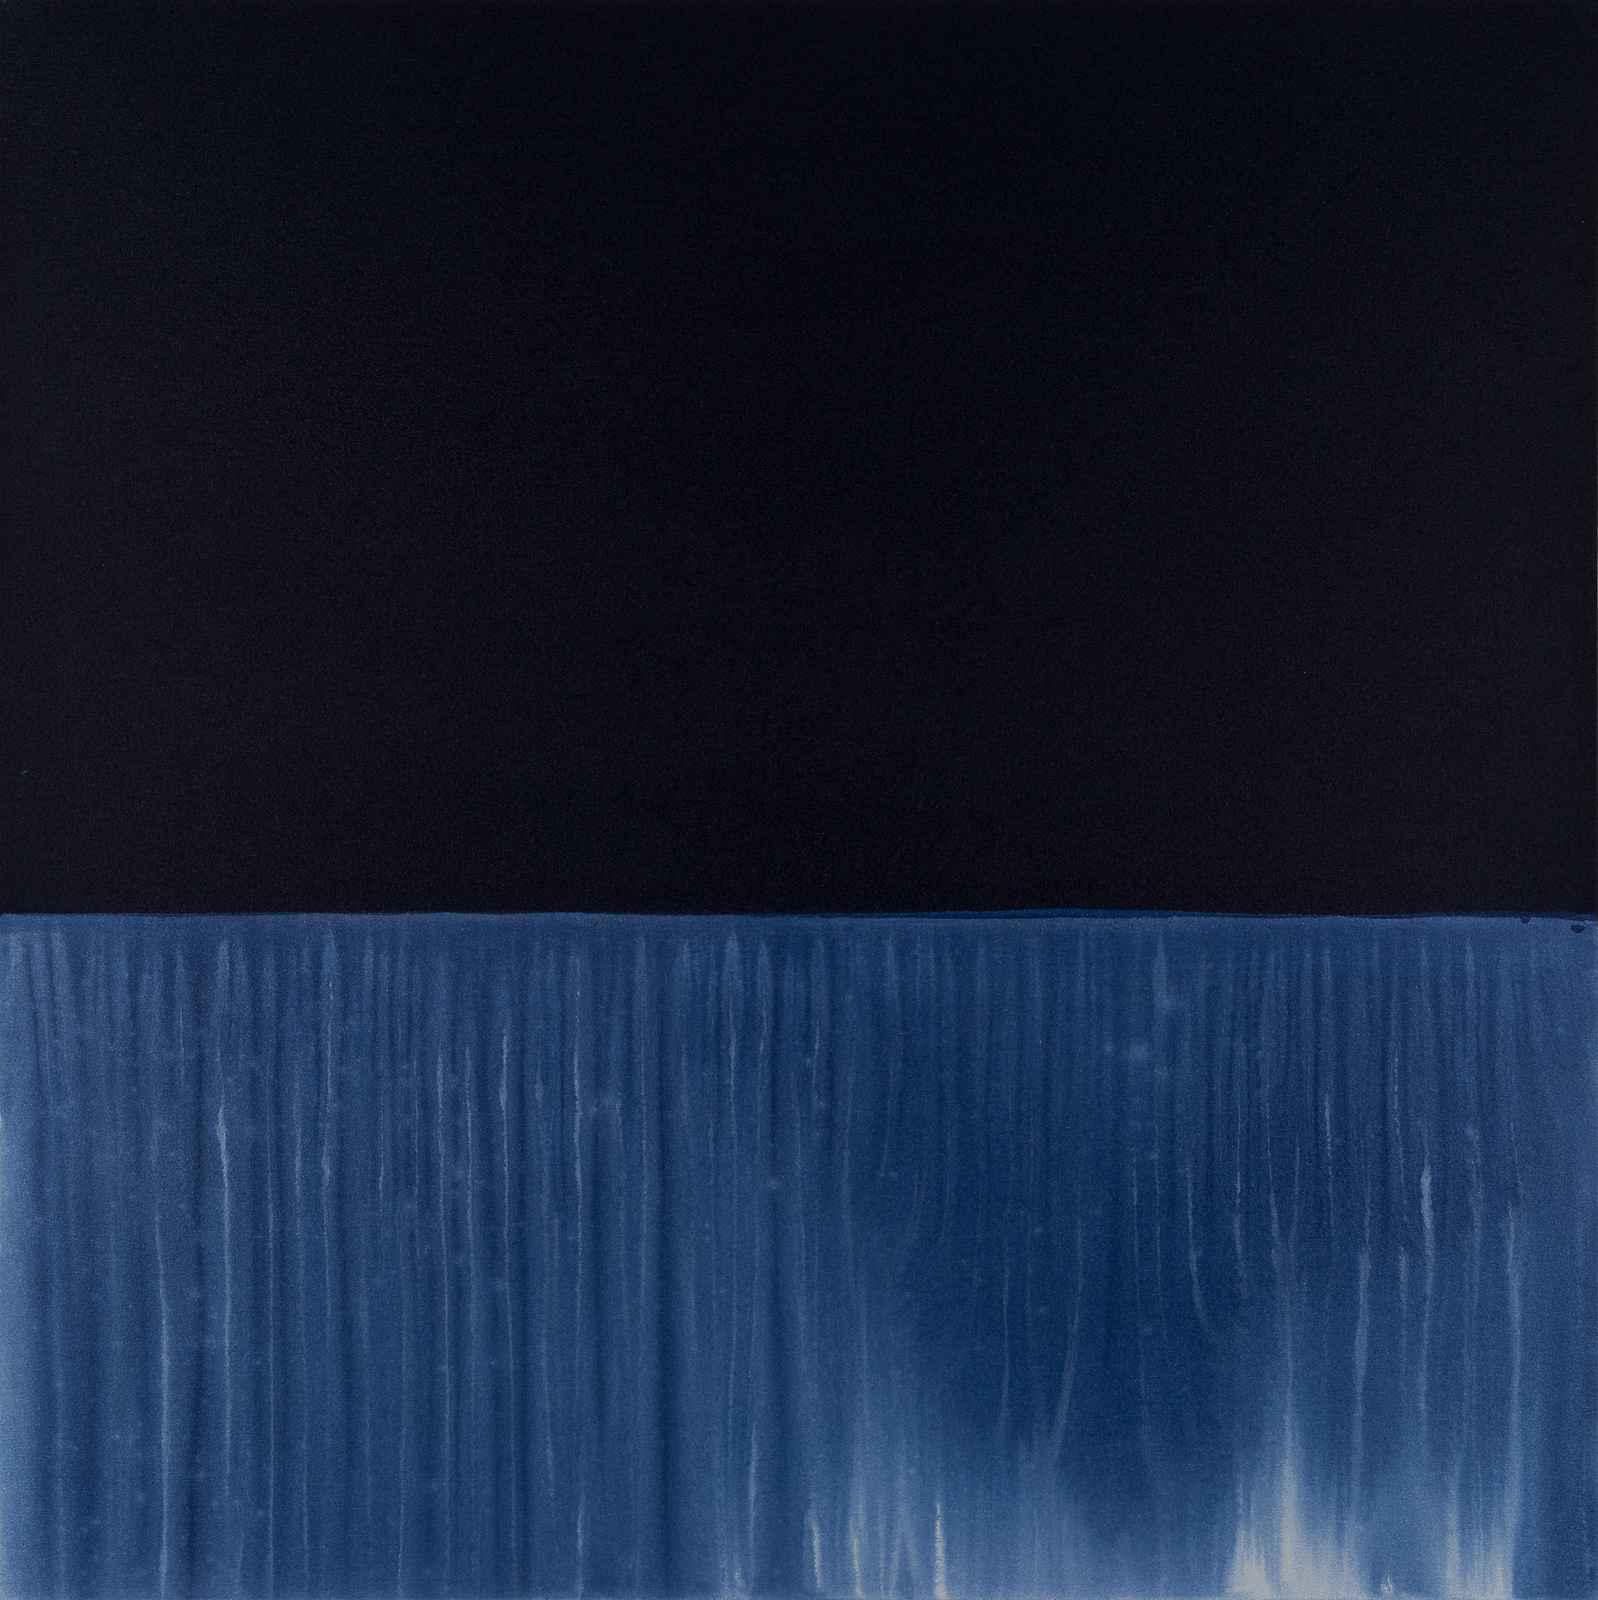 INDIGO FLOW #8 by Mr. JUAN ALONSO-RODRIGUEZ - Masterpiece Online